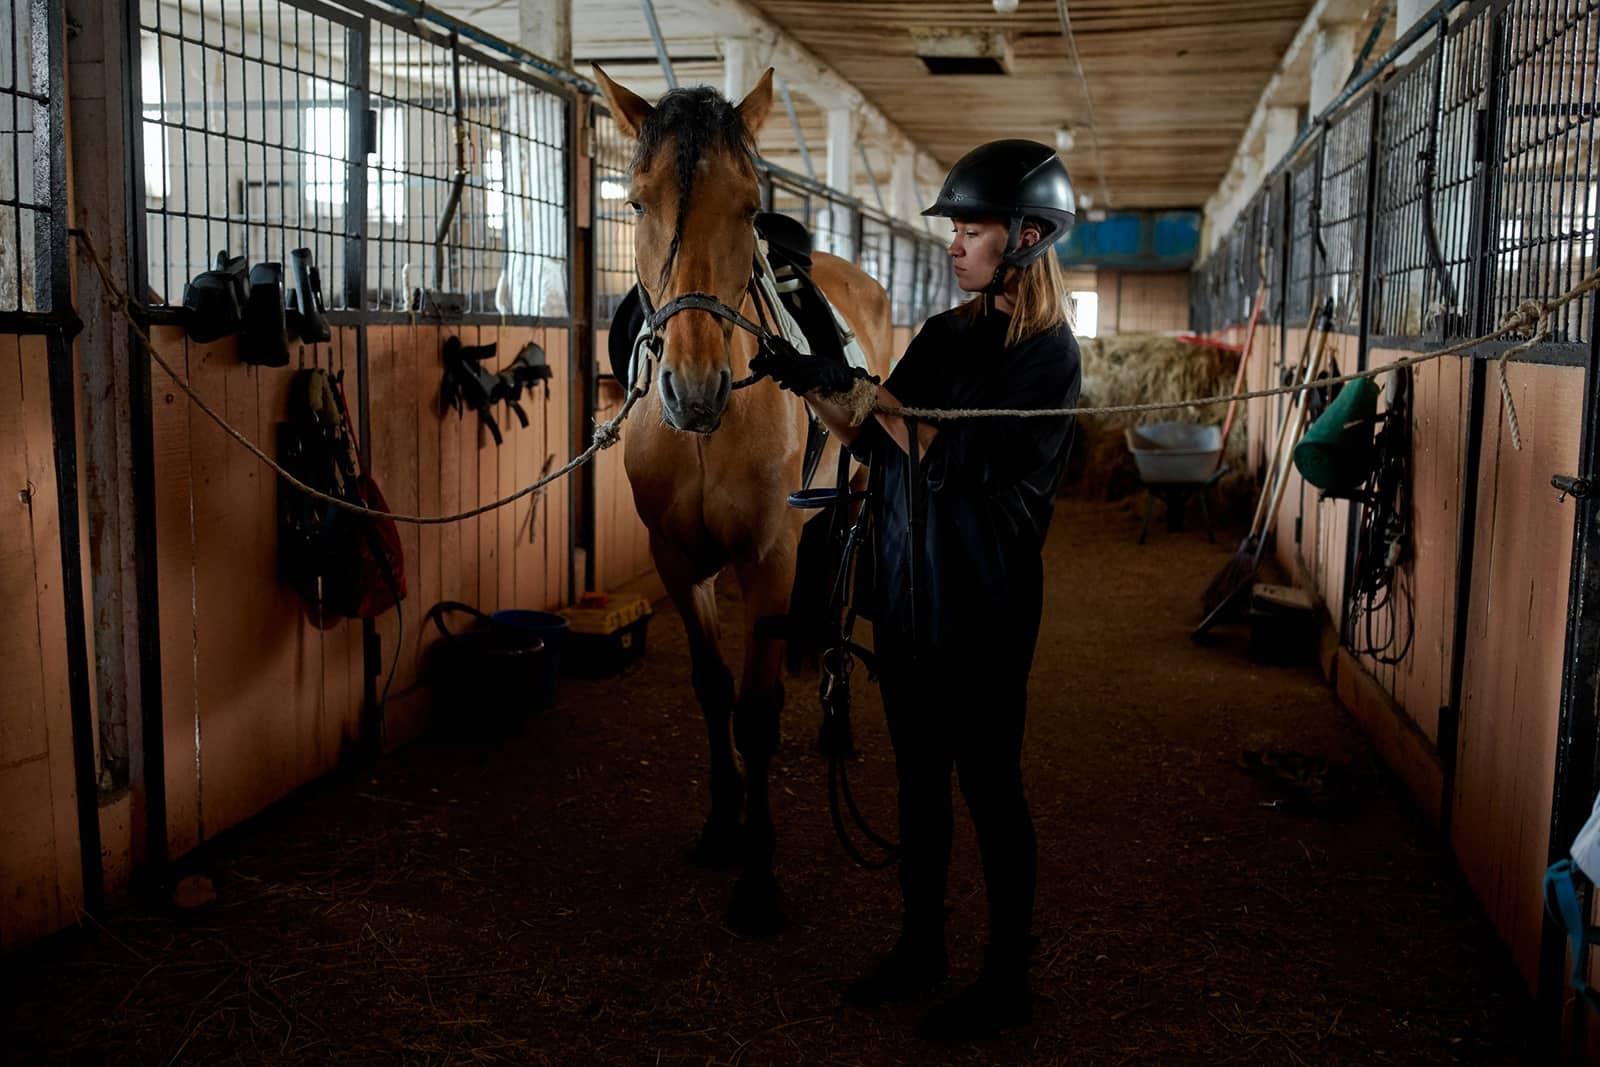 eine Frau, die mit einem Pferd in einem Stall steht